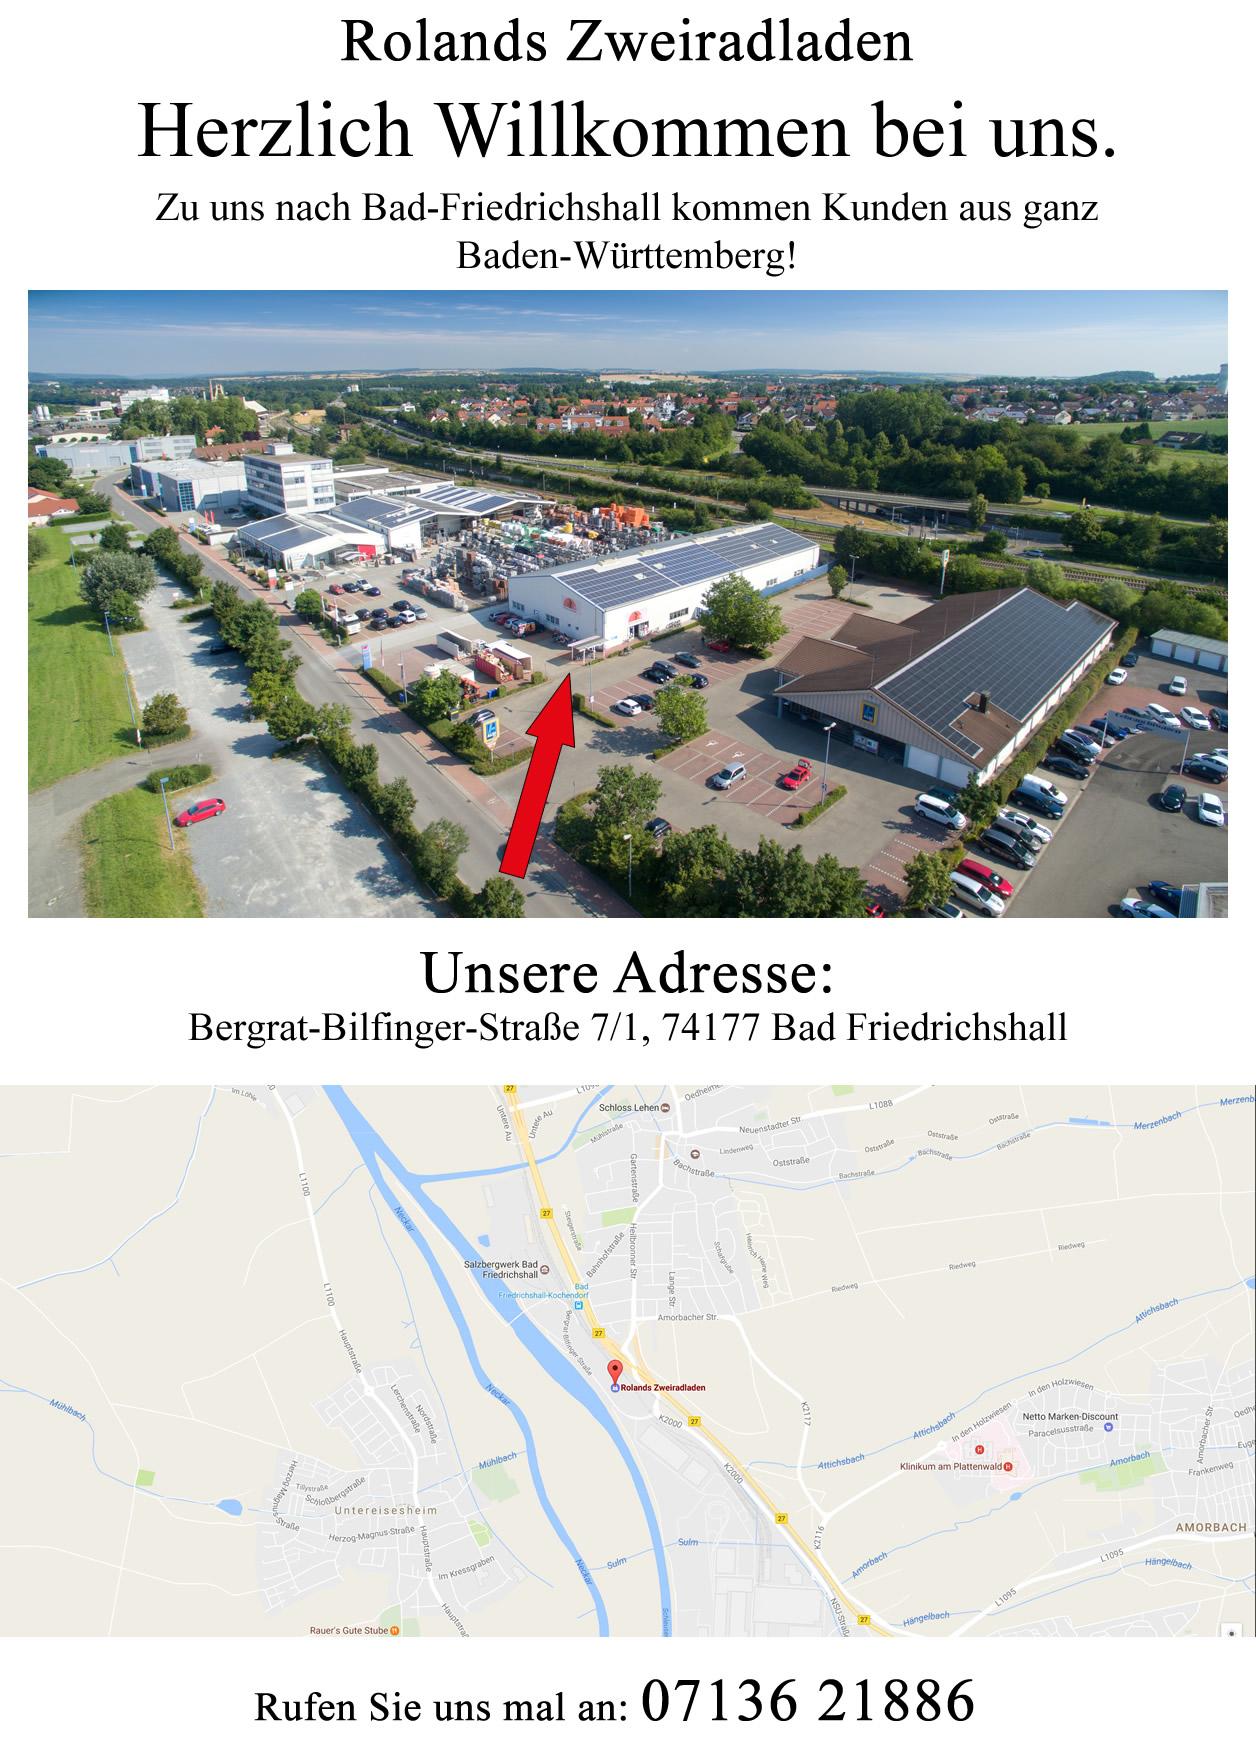 Fahrräder Fachmarkt für  Fürth, Hirschberg an der Bergstraße, Heddesbach, Heddesheim, Wilhelmsfeld, Schriesheim, Eberbach oder Hemsbach, Weinheim, Heiligkreuzsteinach